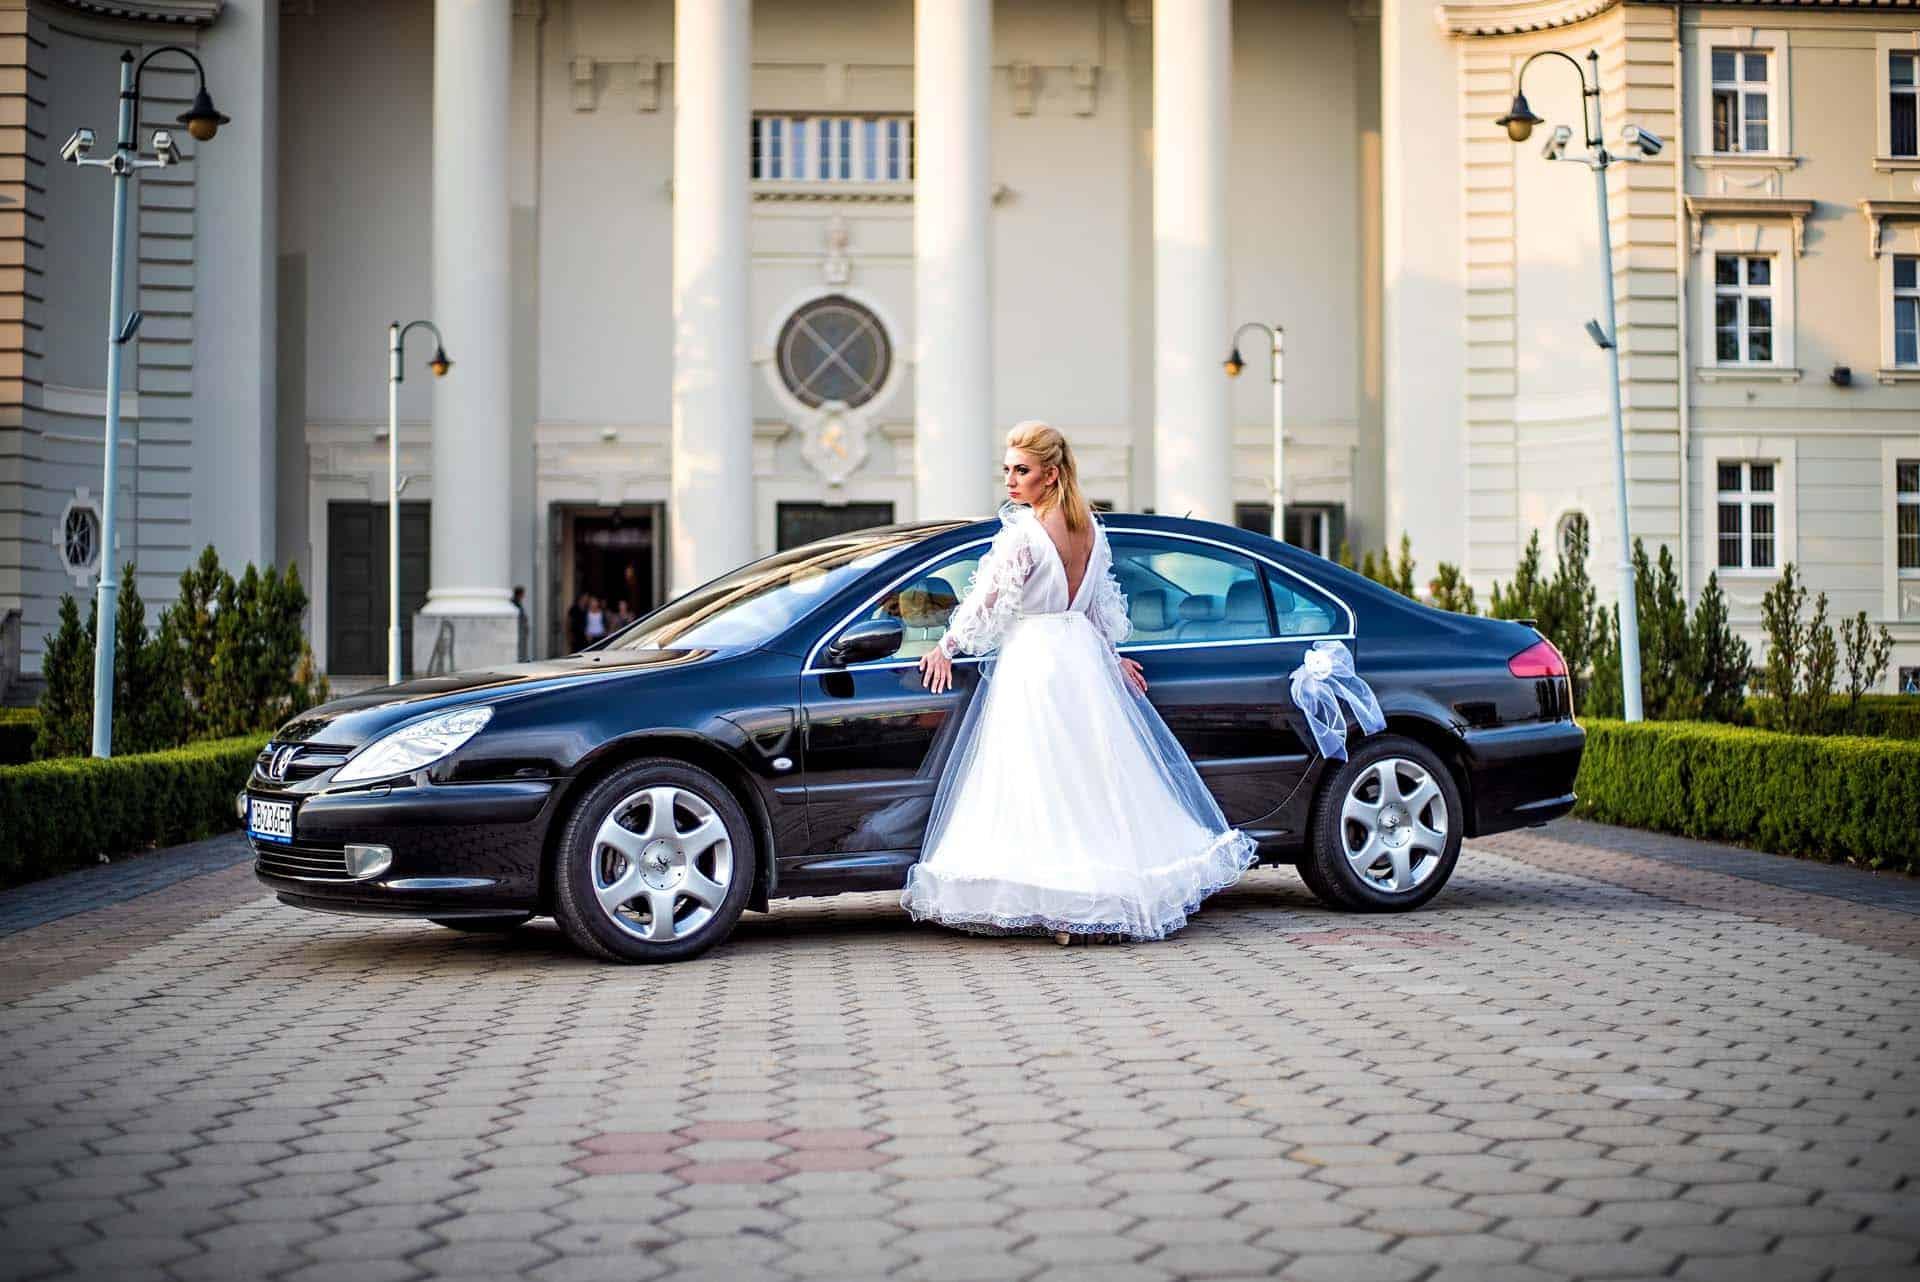 Auto do ślubu - wynajem samochodu ślubnego  w Bydgoszczy